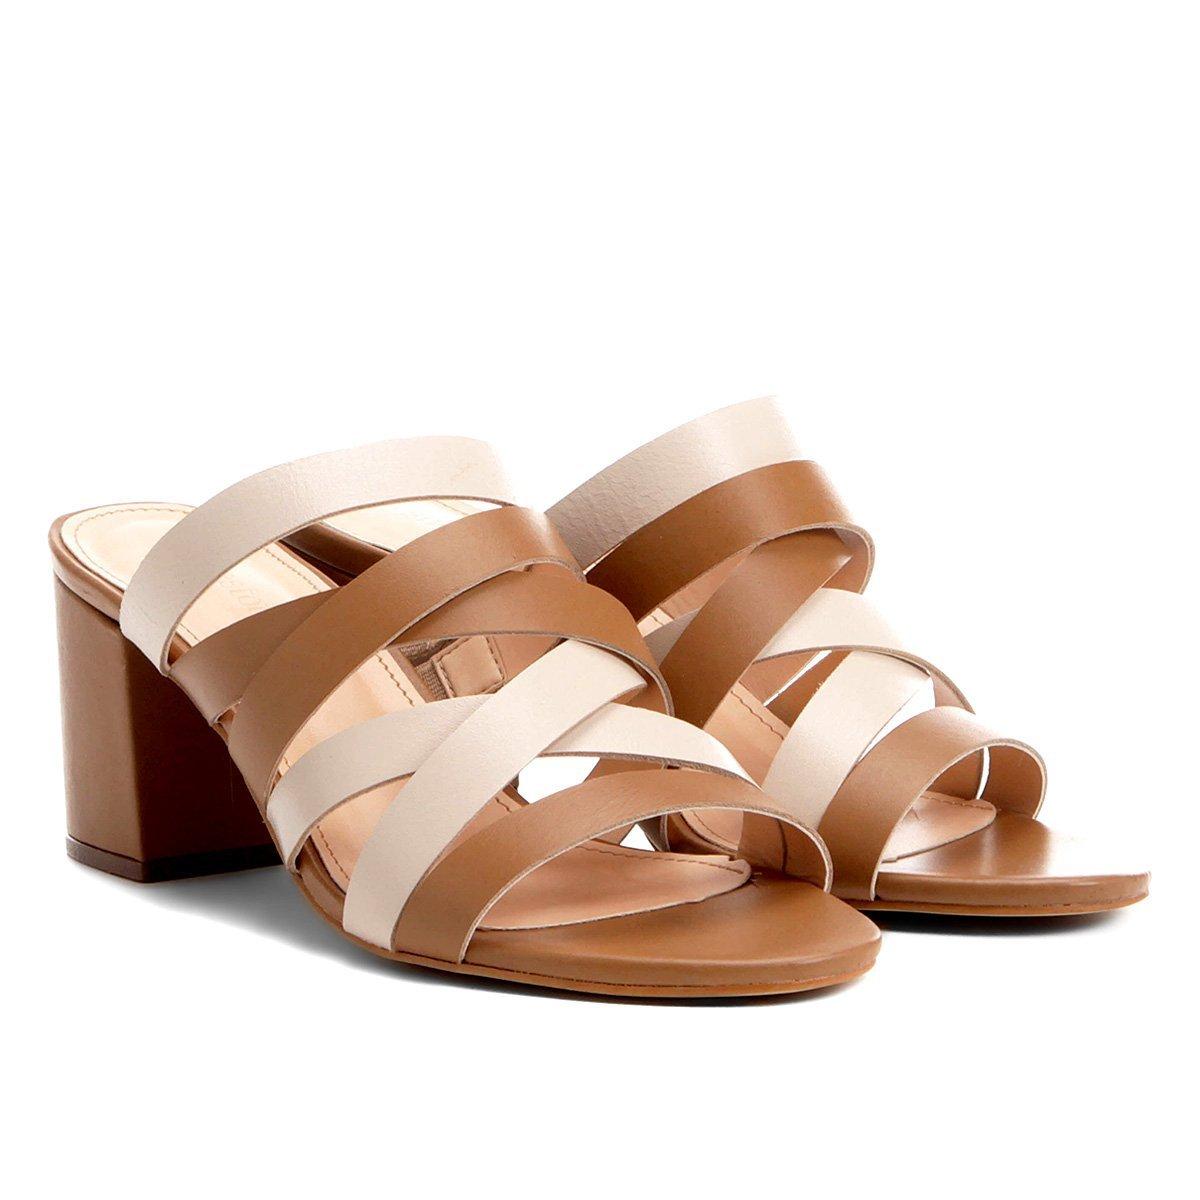 7e8d7f54ea Tamanco Couro Shoestock Salto Grosso Tiras Feminino - Bege - Compre Agora